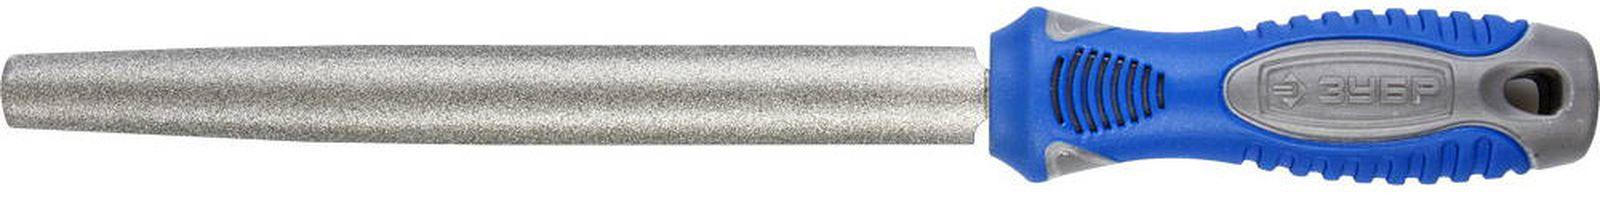 Напильник Зубр Эксперт P 120 с алмазным напылением, 33392-200-120, 200 мм напильник зубр эксперт полукруглый p 120 200мм 33392 200 120